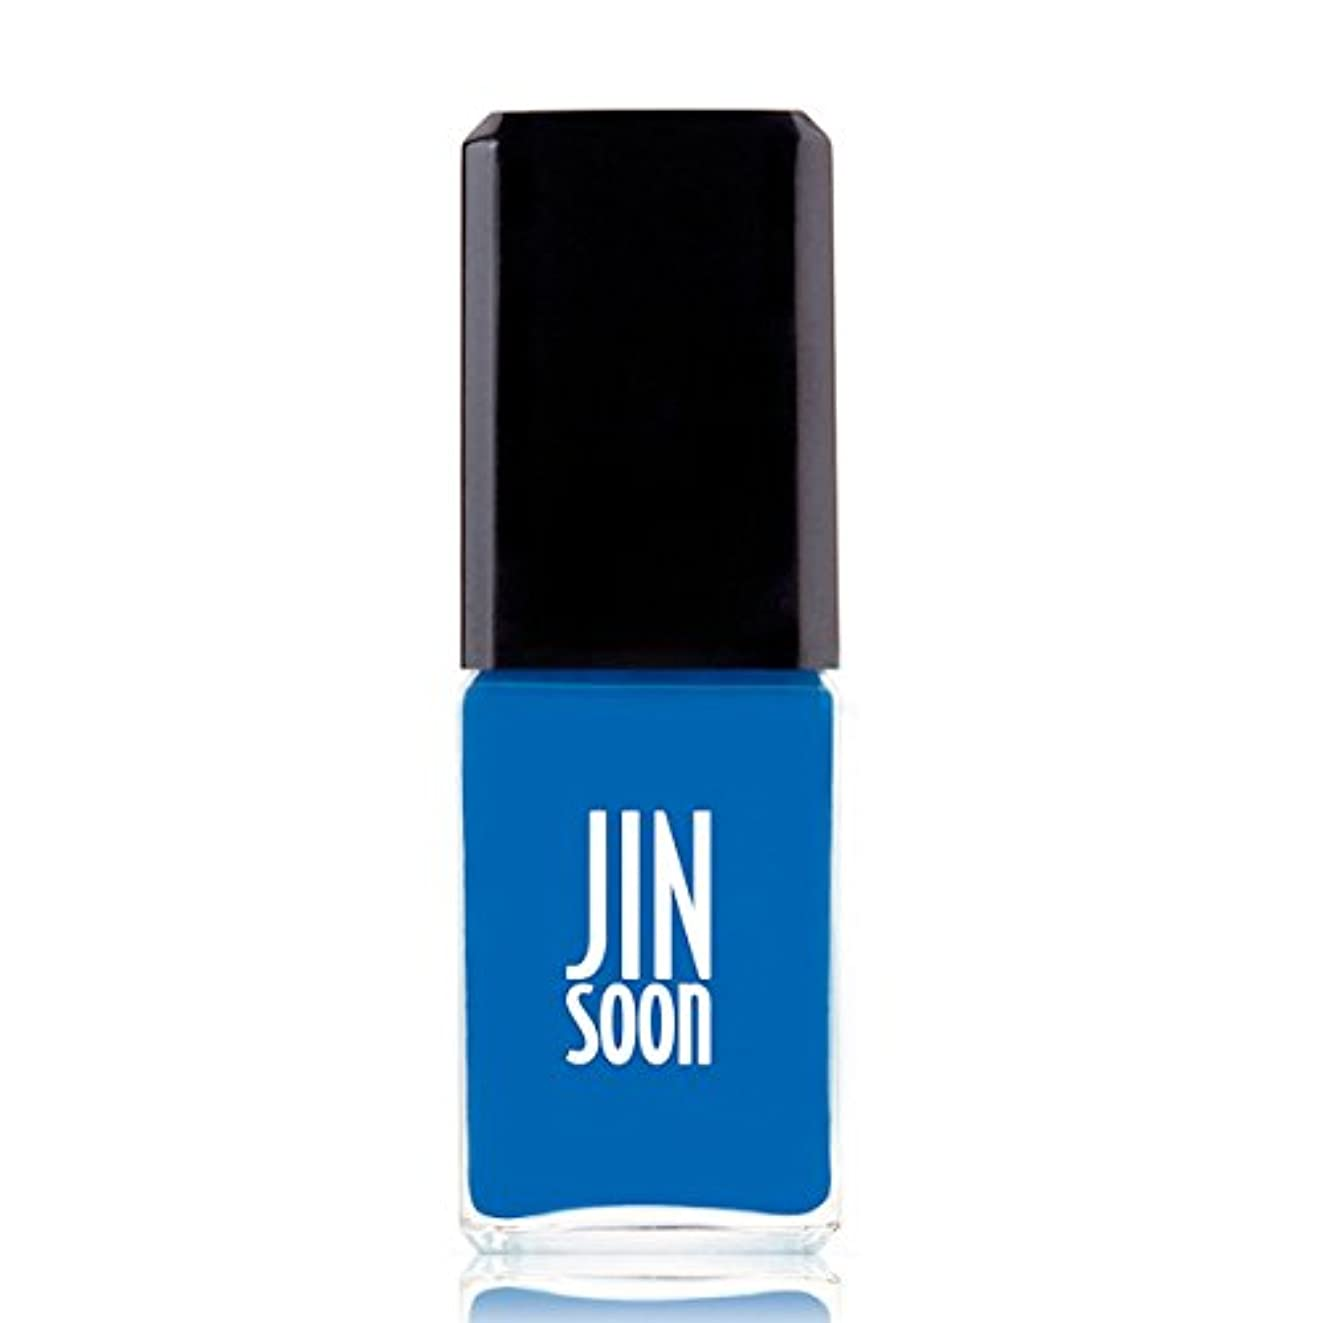 の面では市長補体[ジンスーン] [ jinsoon] クールブルー (セルリアンブルー)COOL BLUE ジンスーン 5フリー ネイルポリッシュ【ブルー】 11mL